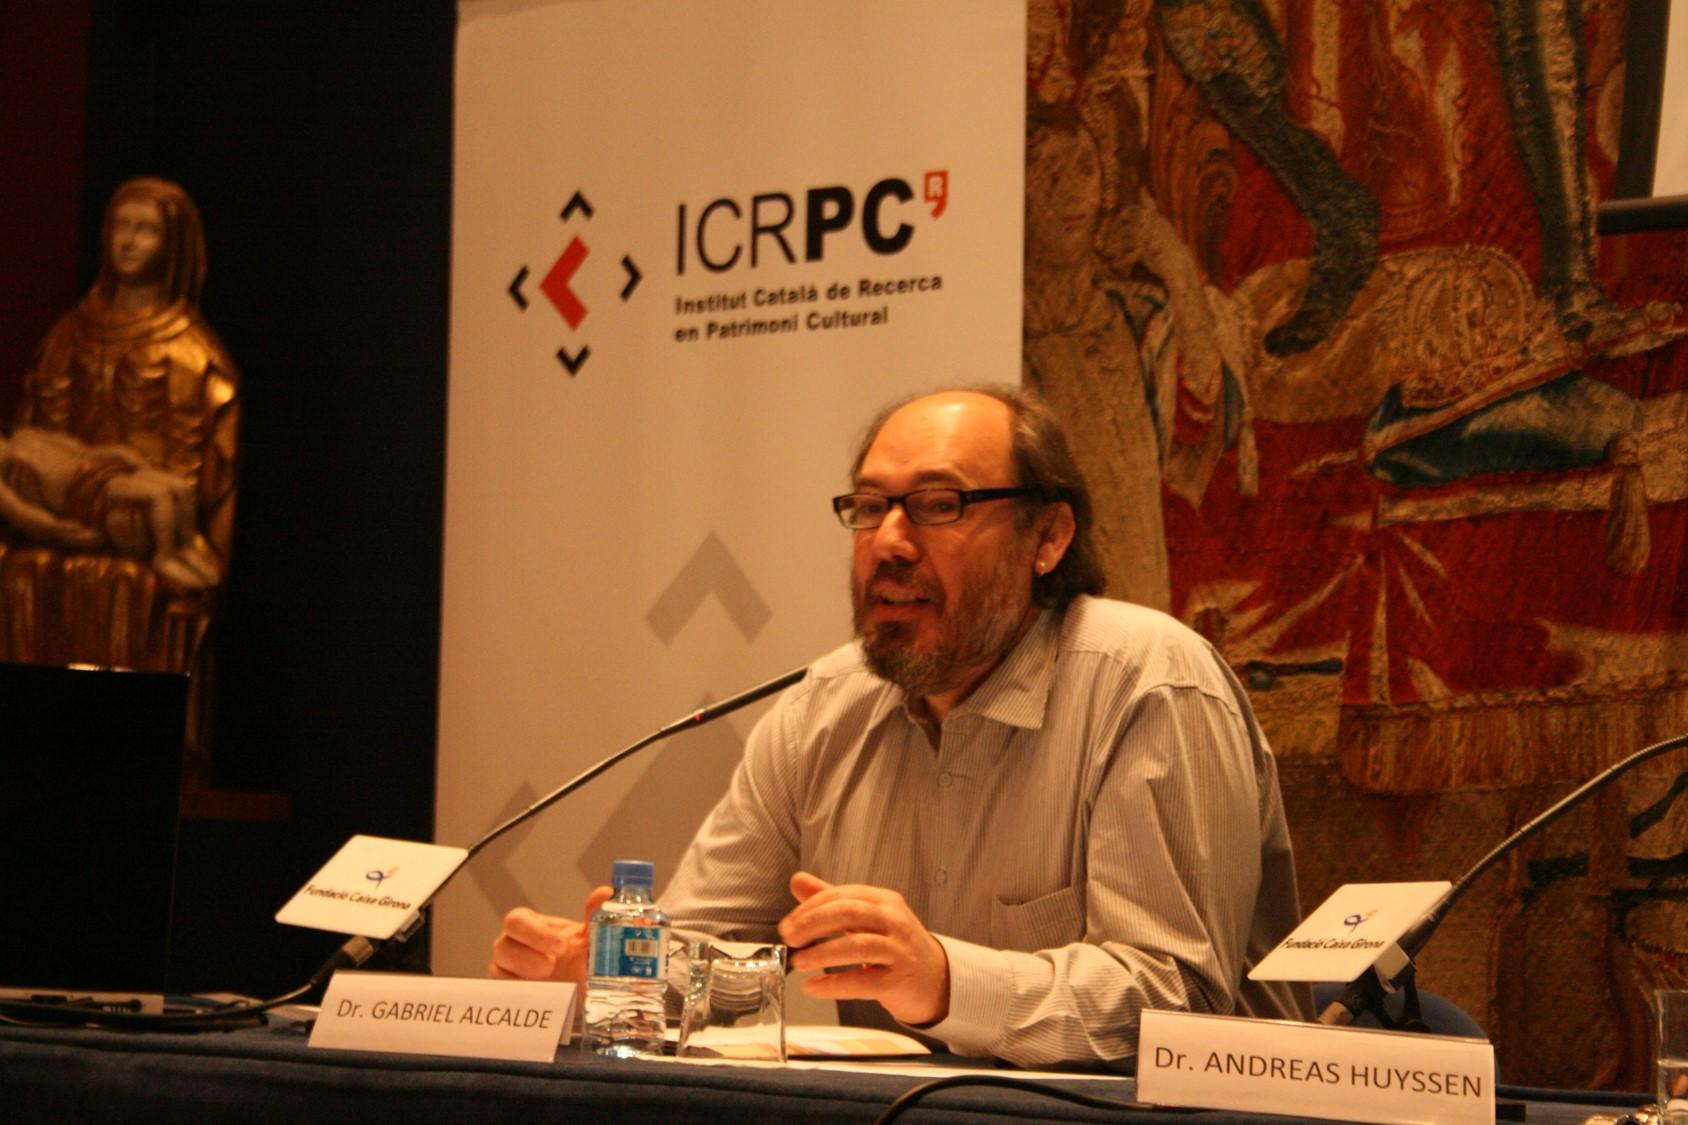 gabriel-alcalde-director-de-licrpc-entre-2006-i-2013-rep-a-titol-postum-el-premi-de-lamc-a-la-trajectoria-professional-